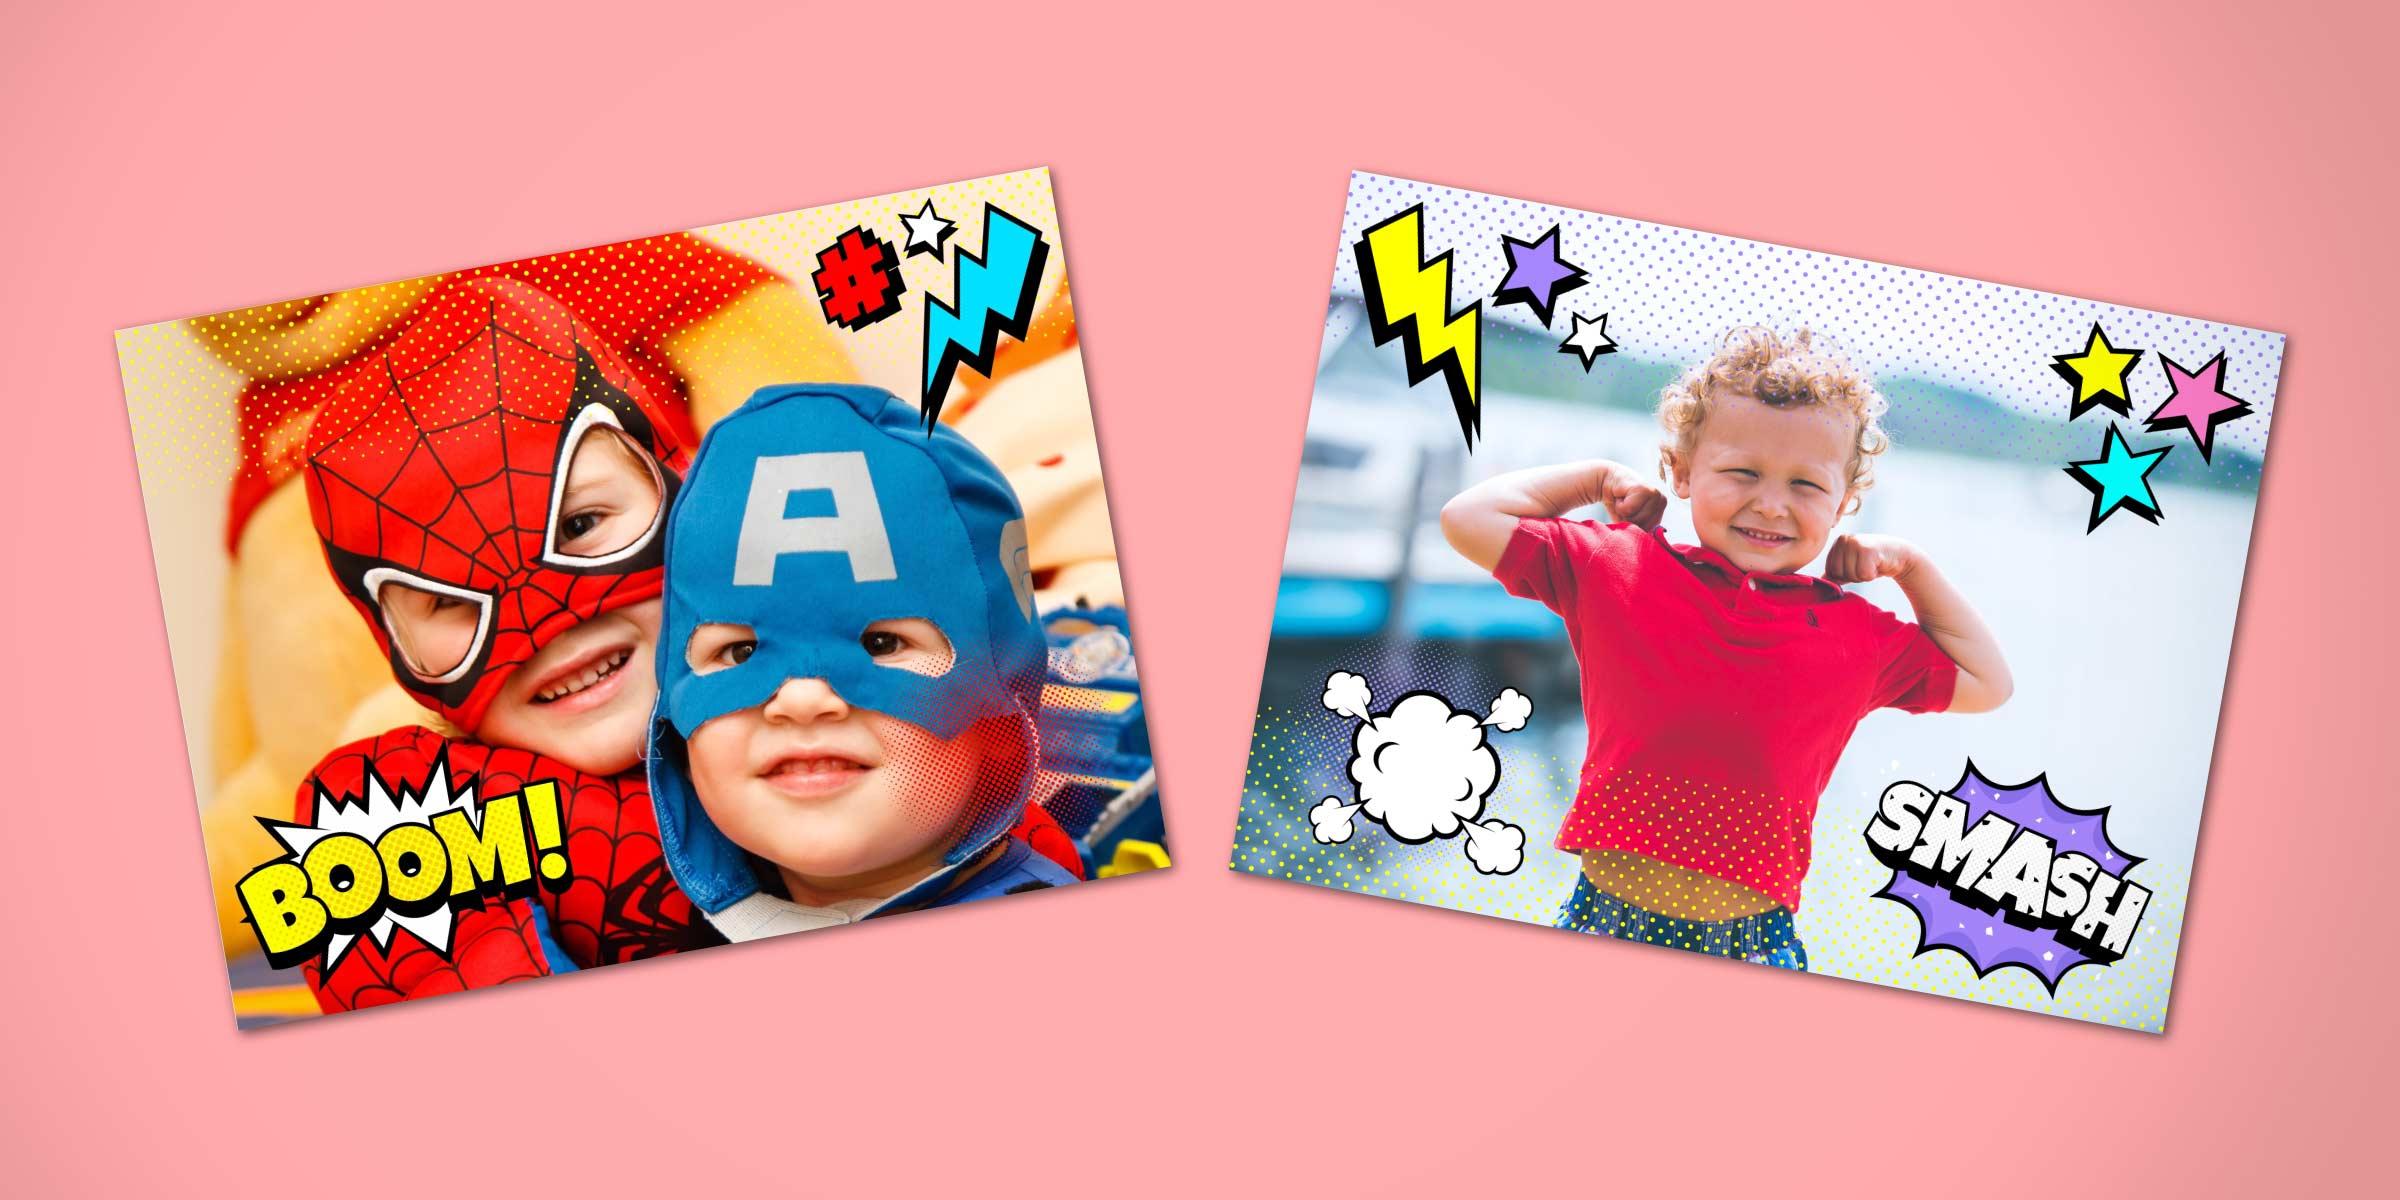 Comic frames for Mac in ImageFramer